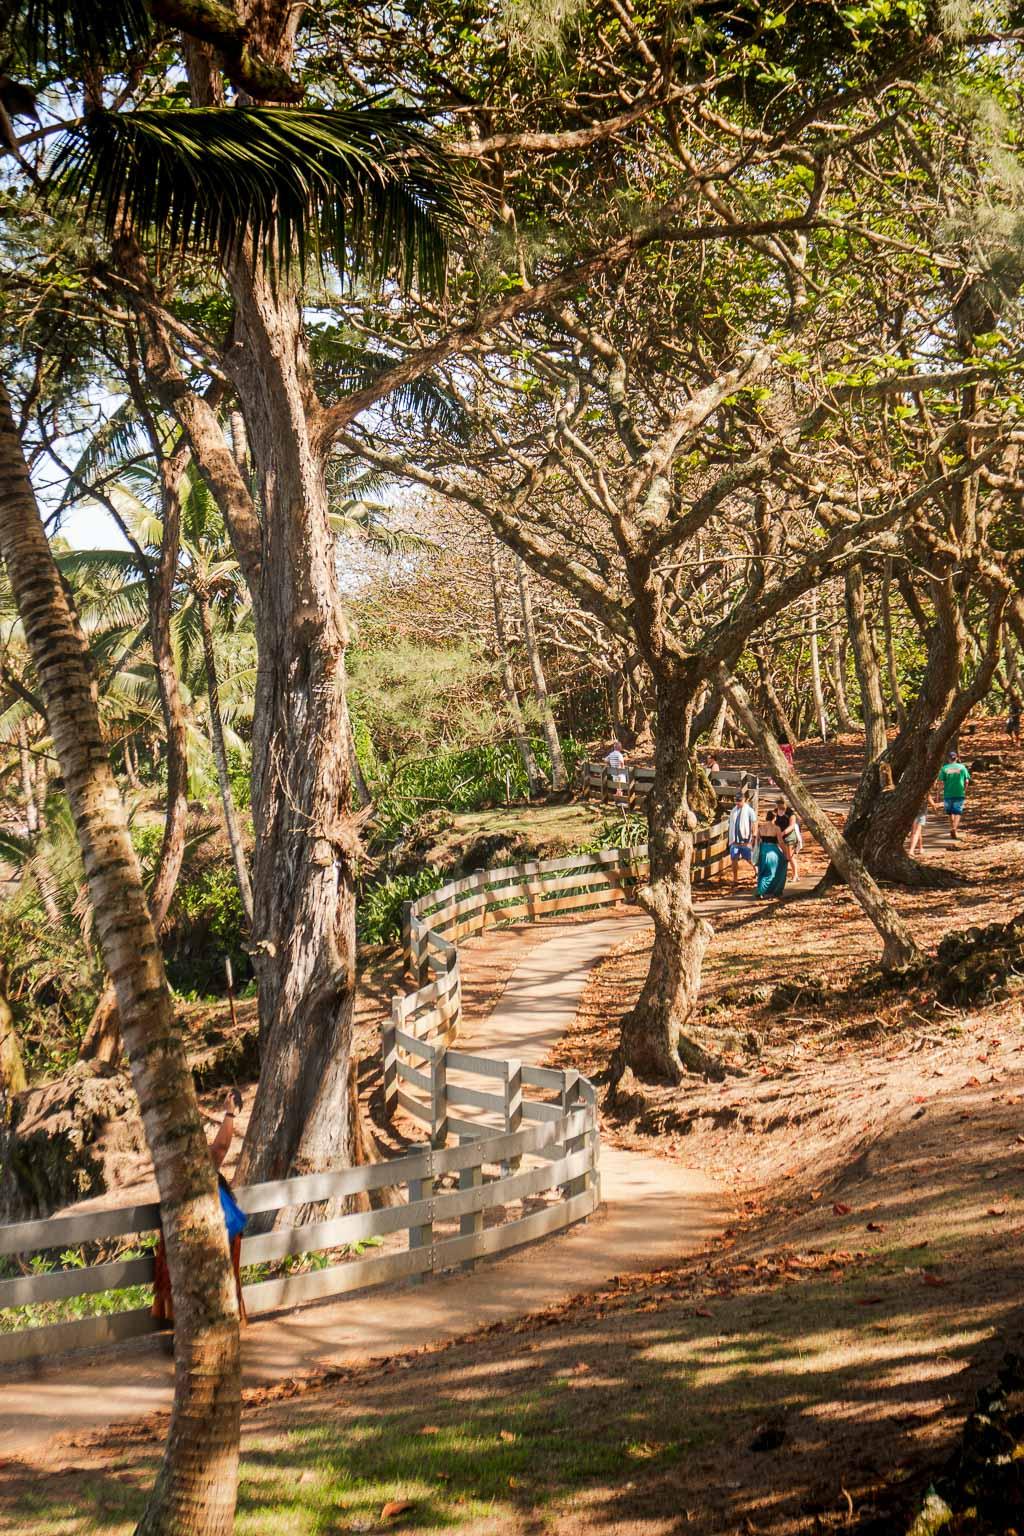 Waianapanapa State Campground, Maui, Hawaii